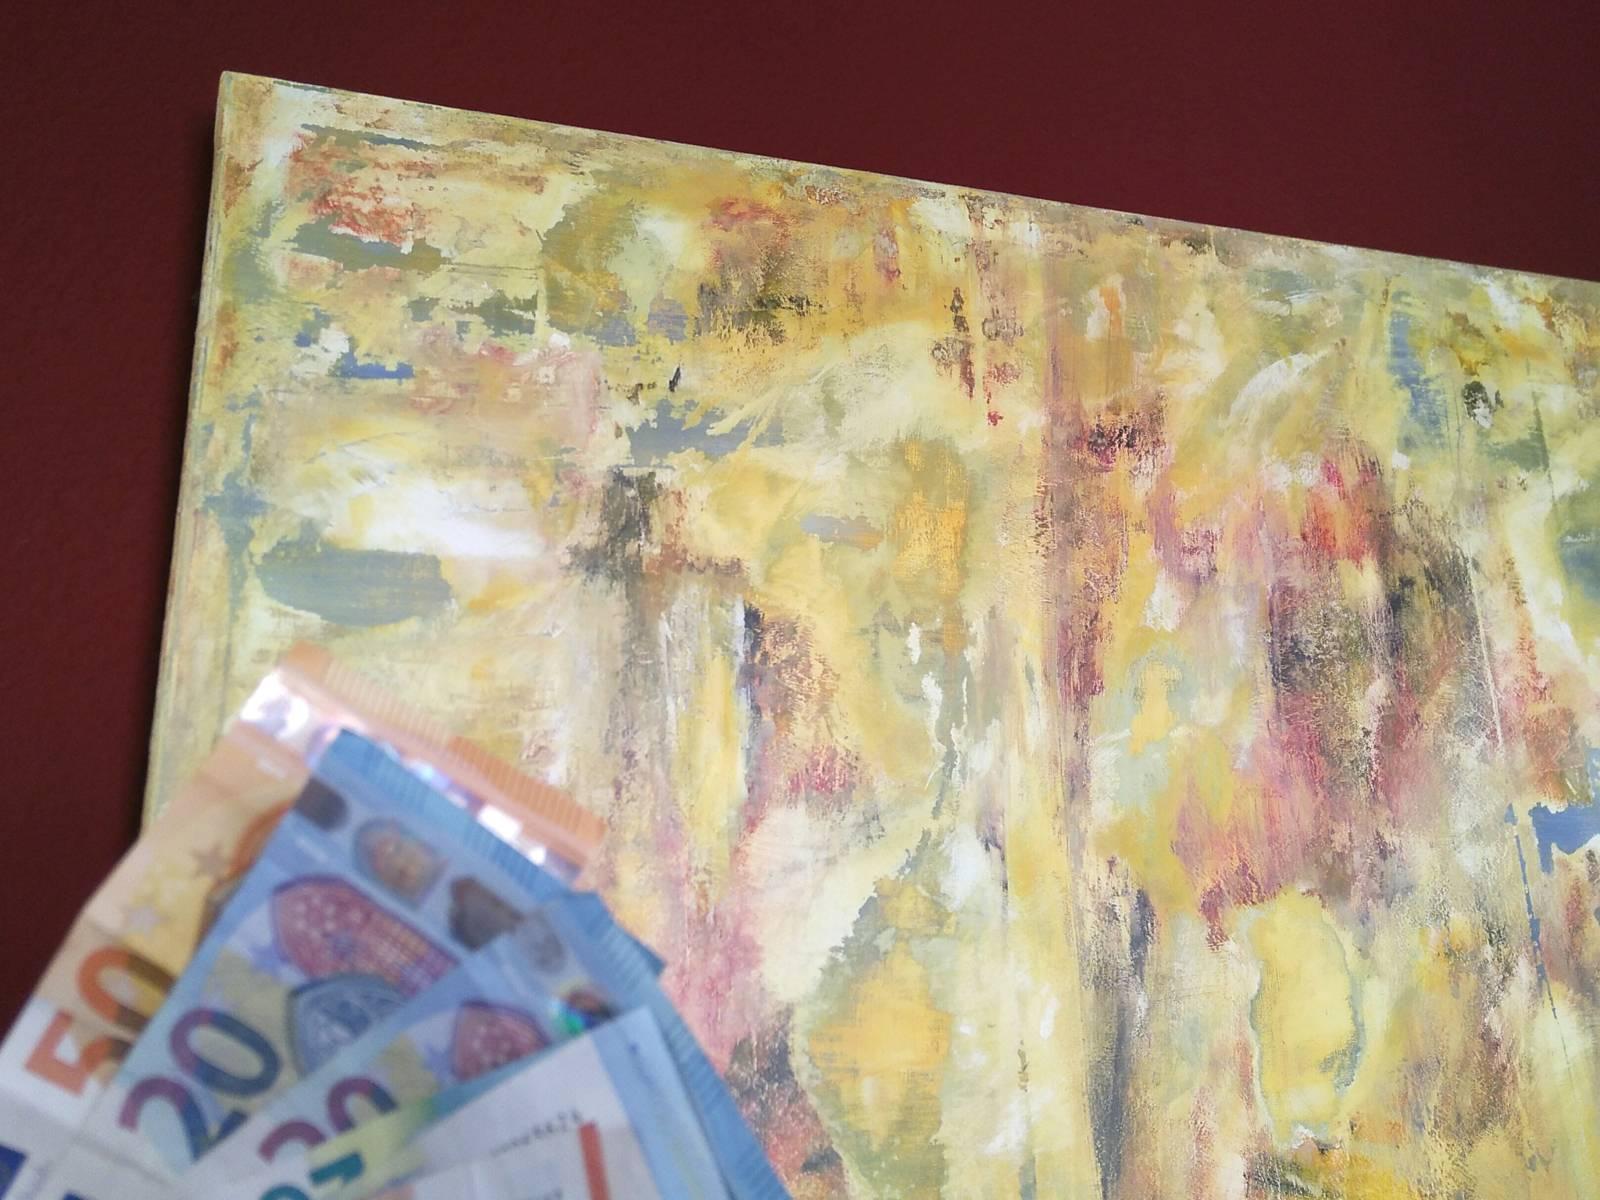 Geldscheine im Vordergrund, im Hintergrund ist ein Kunstwerk.